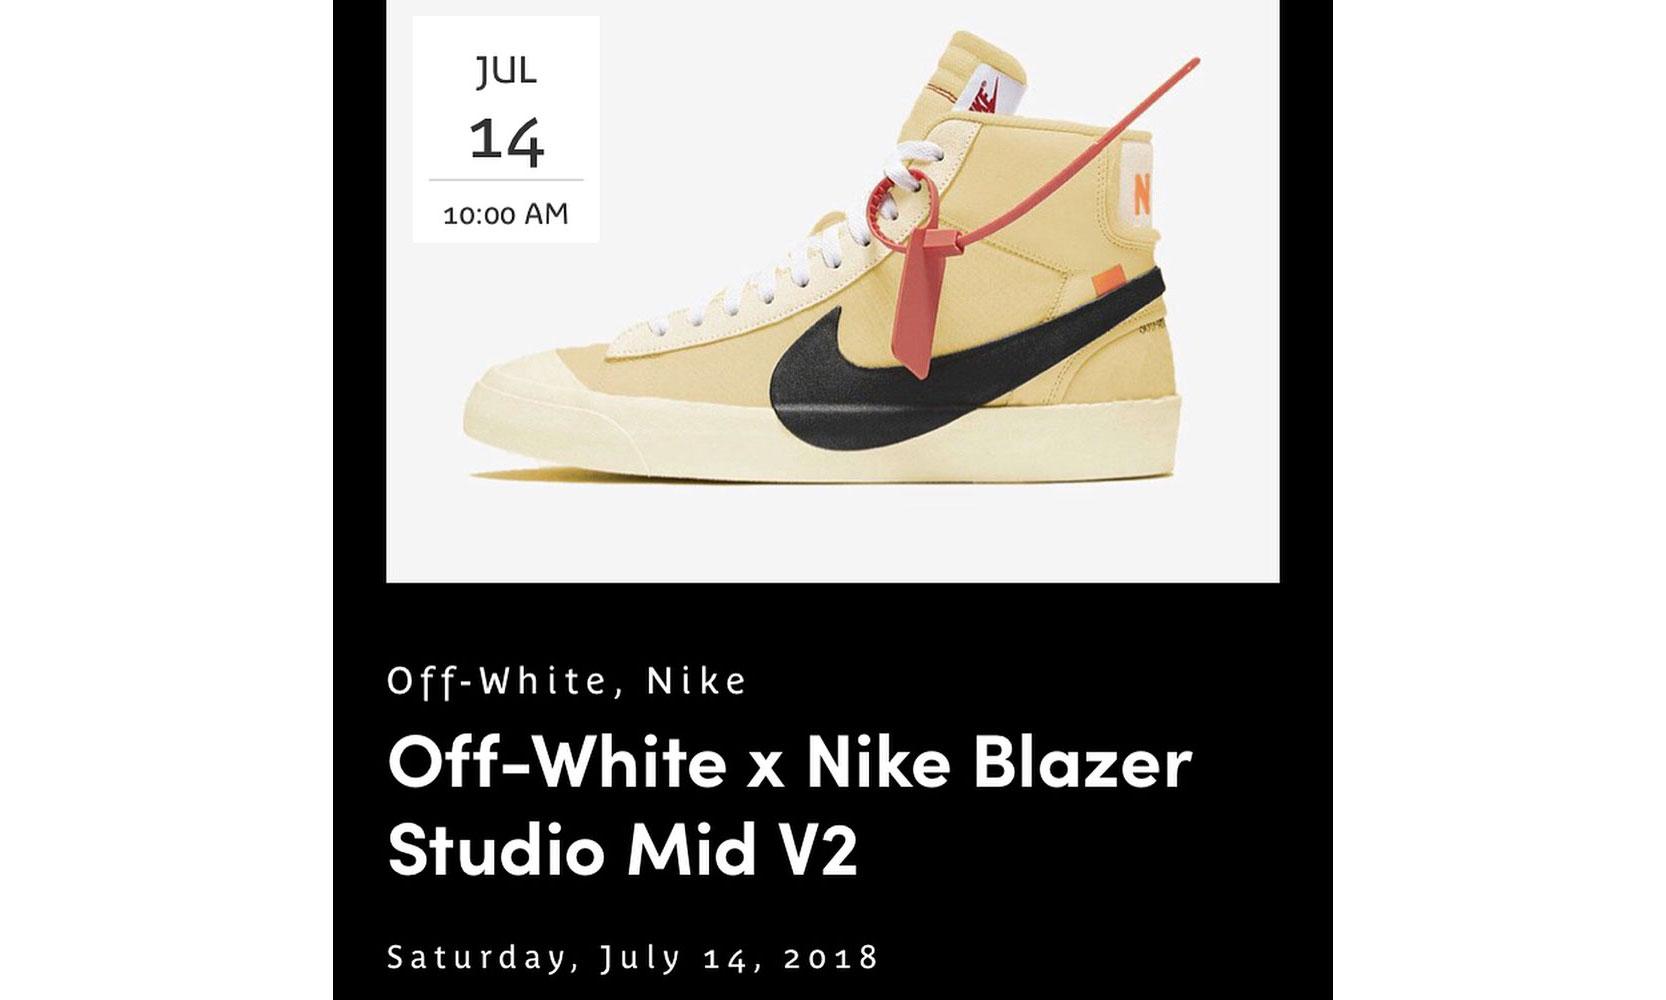 疑似 Virgil Abloh x NikeLab 今年后续联名鞋款发售日期曝光